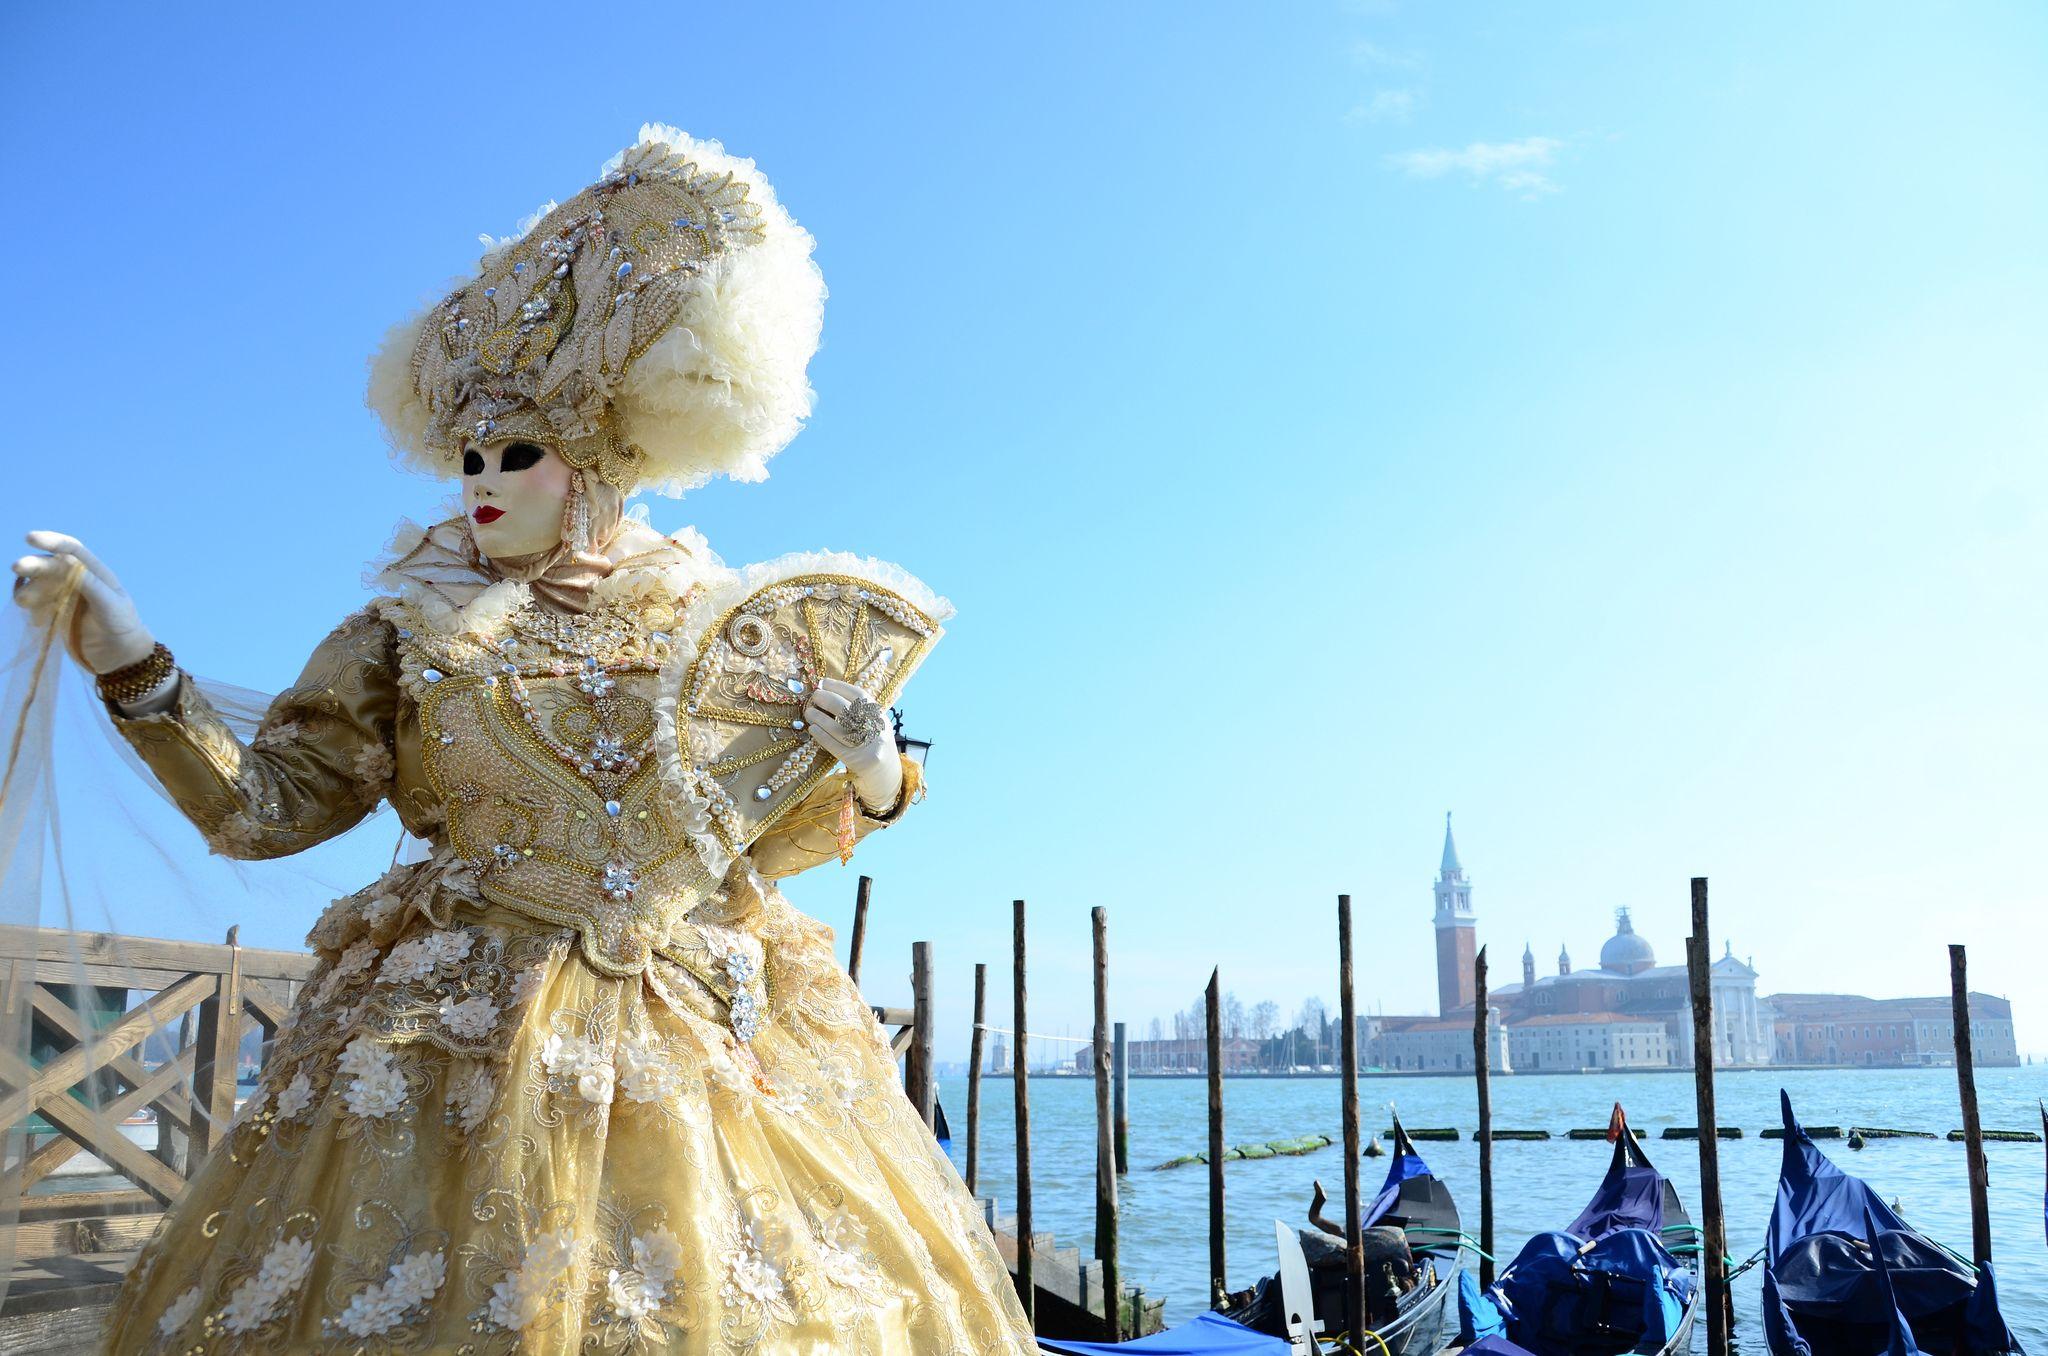 https://flic.kr/p/kAwqRk   Venice Carnival 2014 - Carnevale di Venezia 2014   Giovedì e Venerdì grasso al Carnevale di Venezia